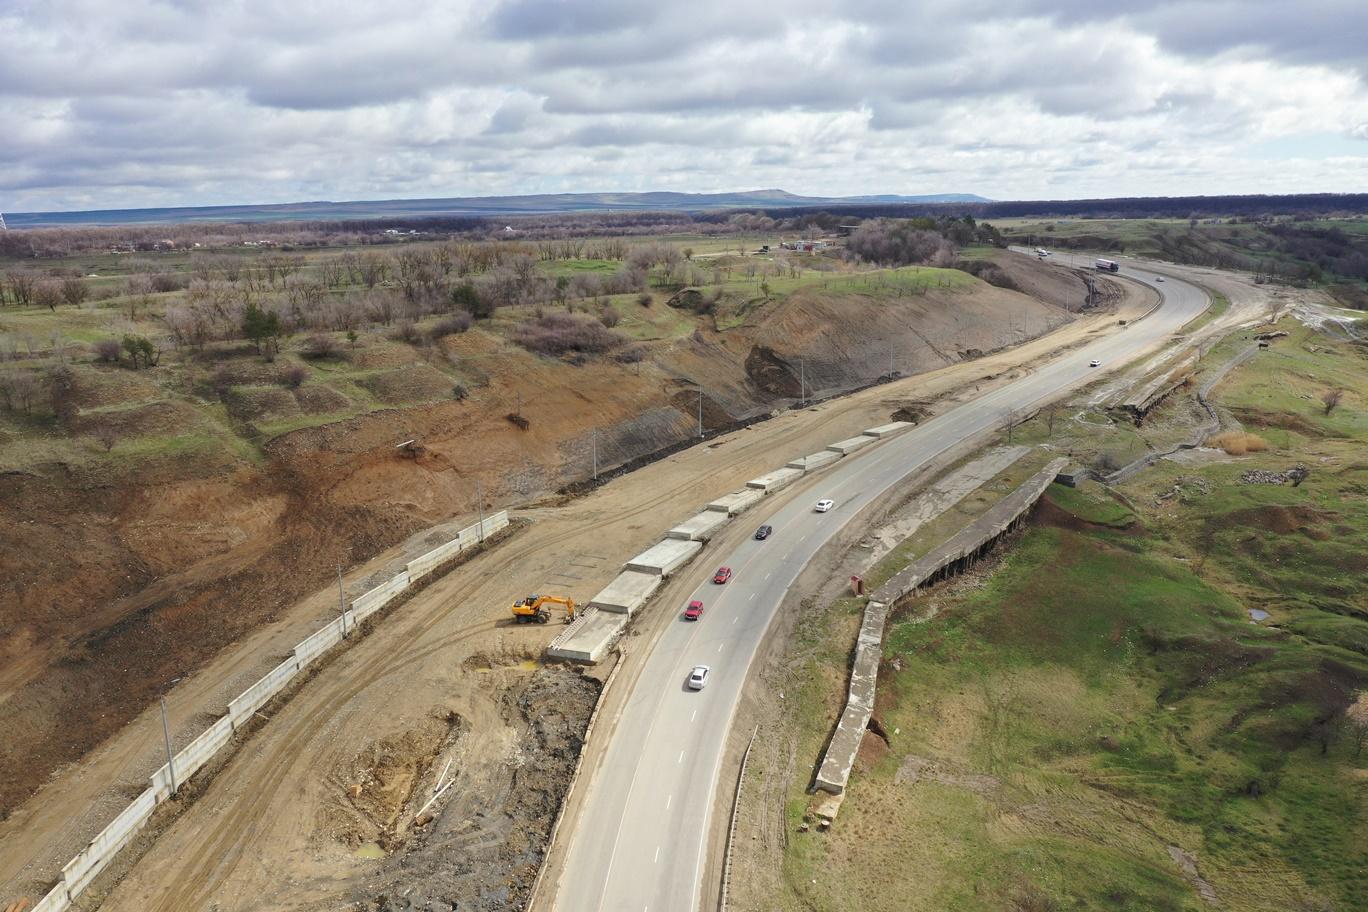 К концу года до четырех полос расширят 15 км подъездных дорог к Черкесску